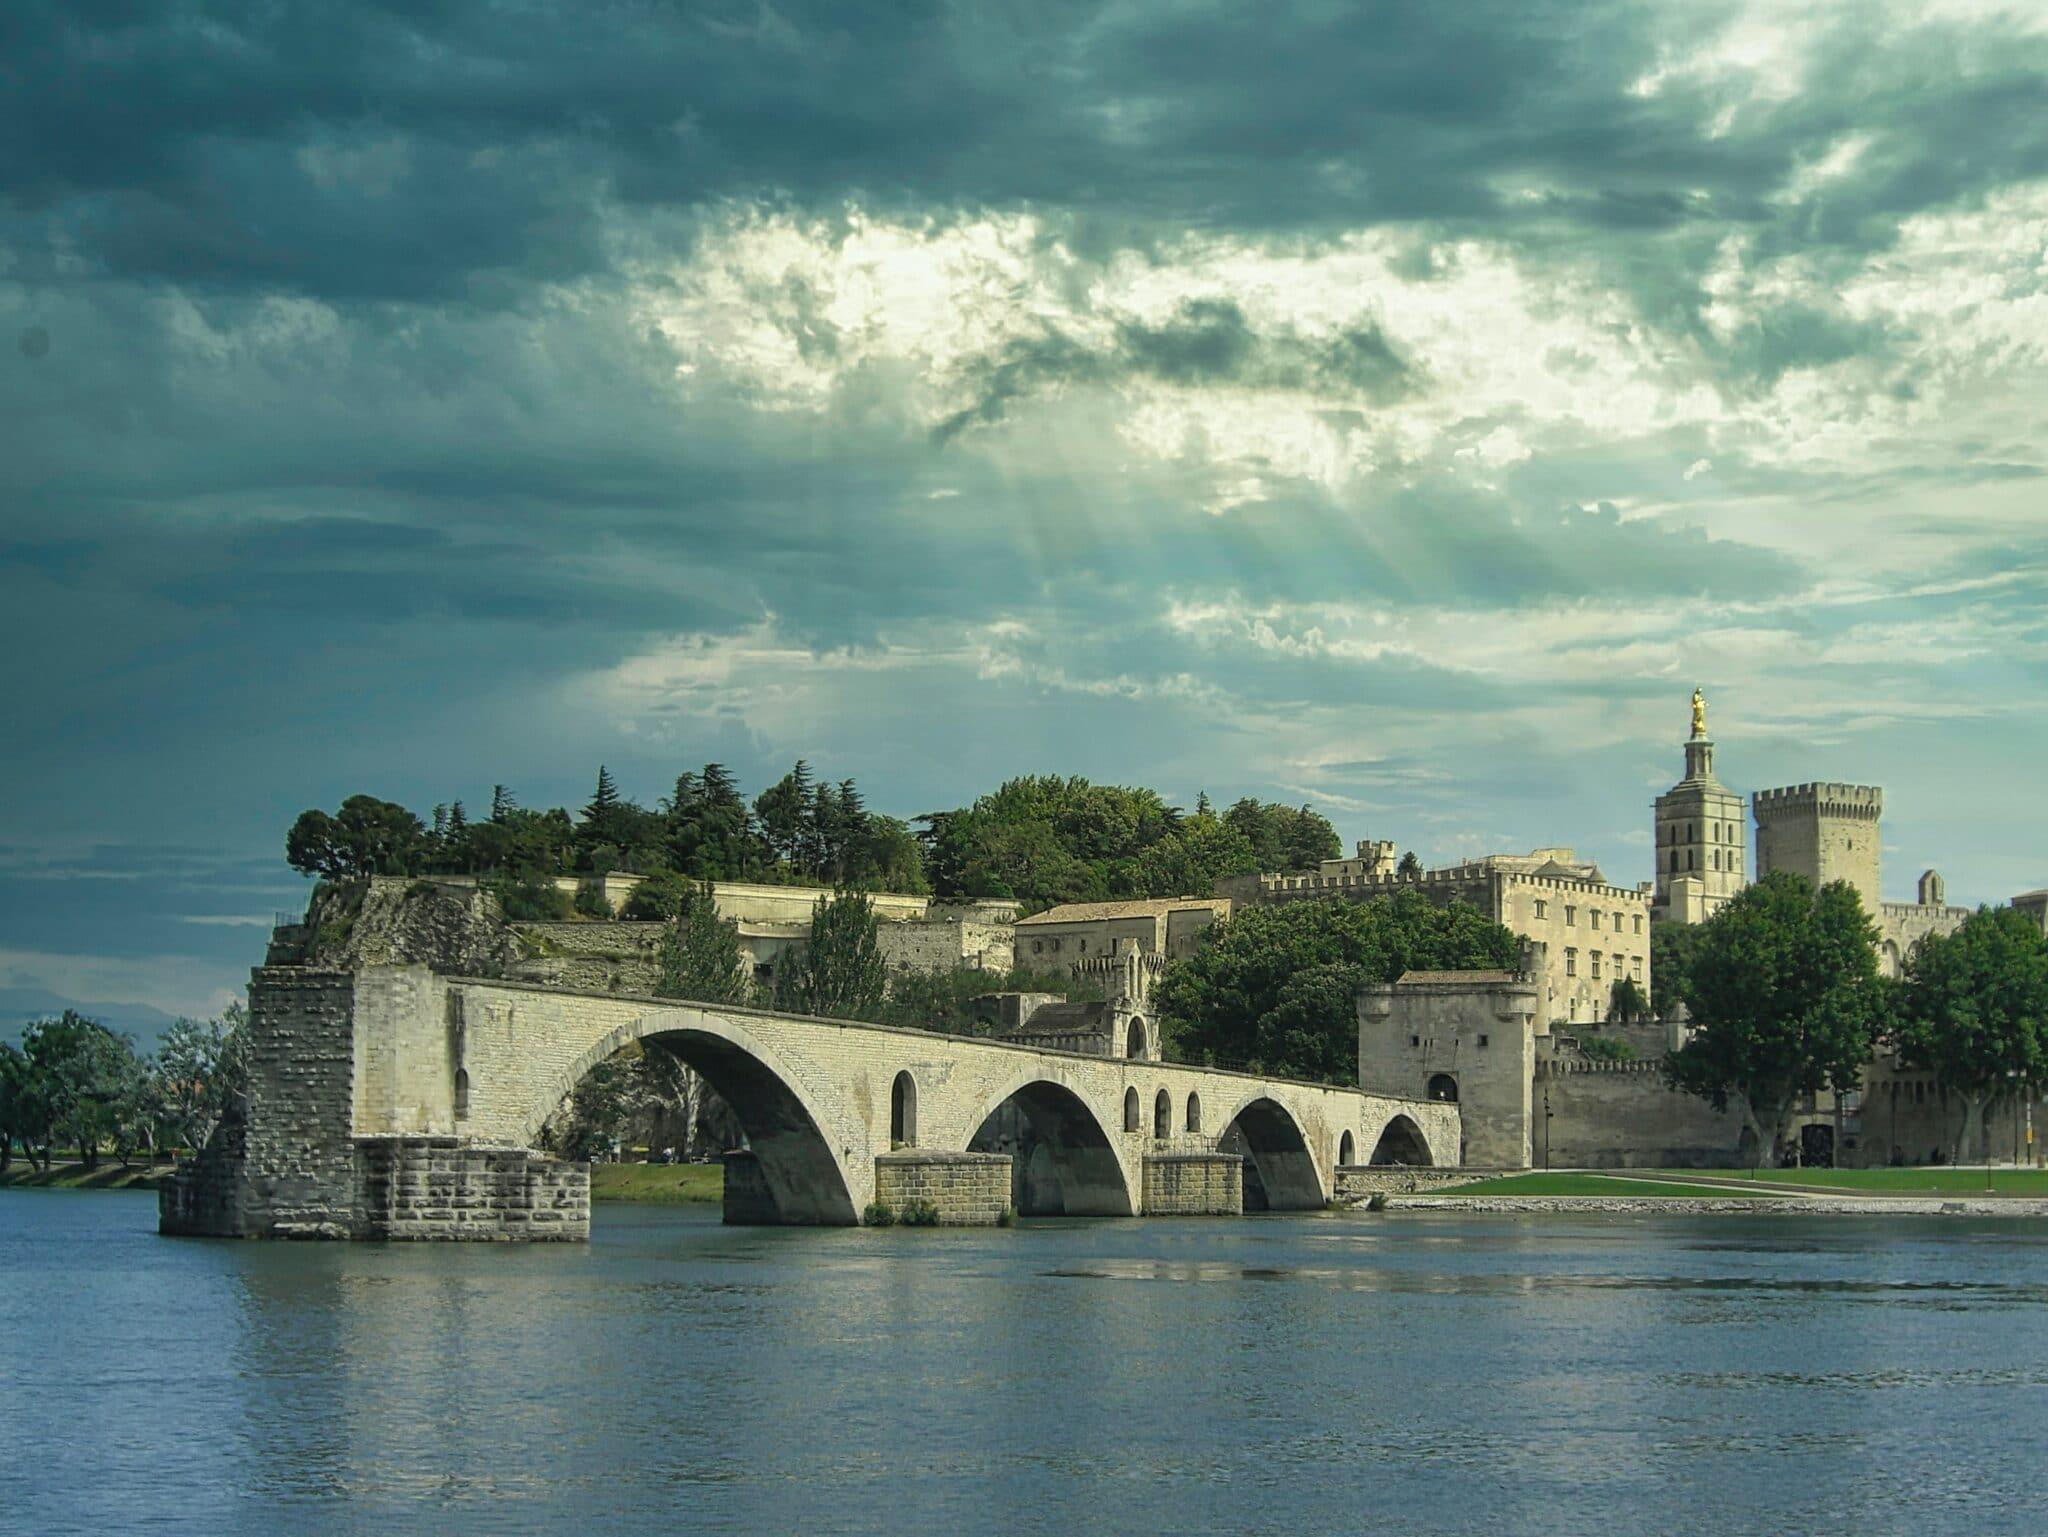 Hors Champ - 10 bonnes raisons de vivre en intramuros Avignon